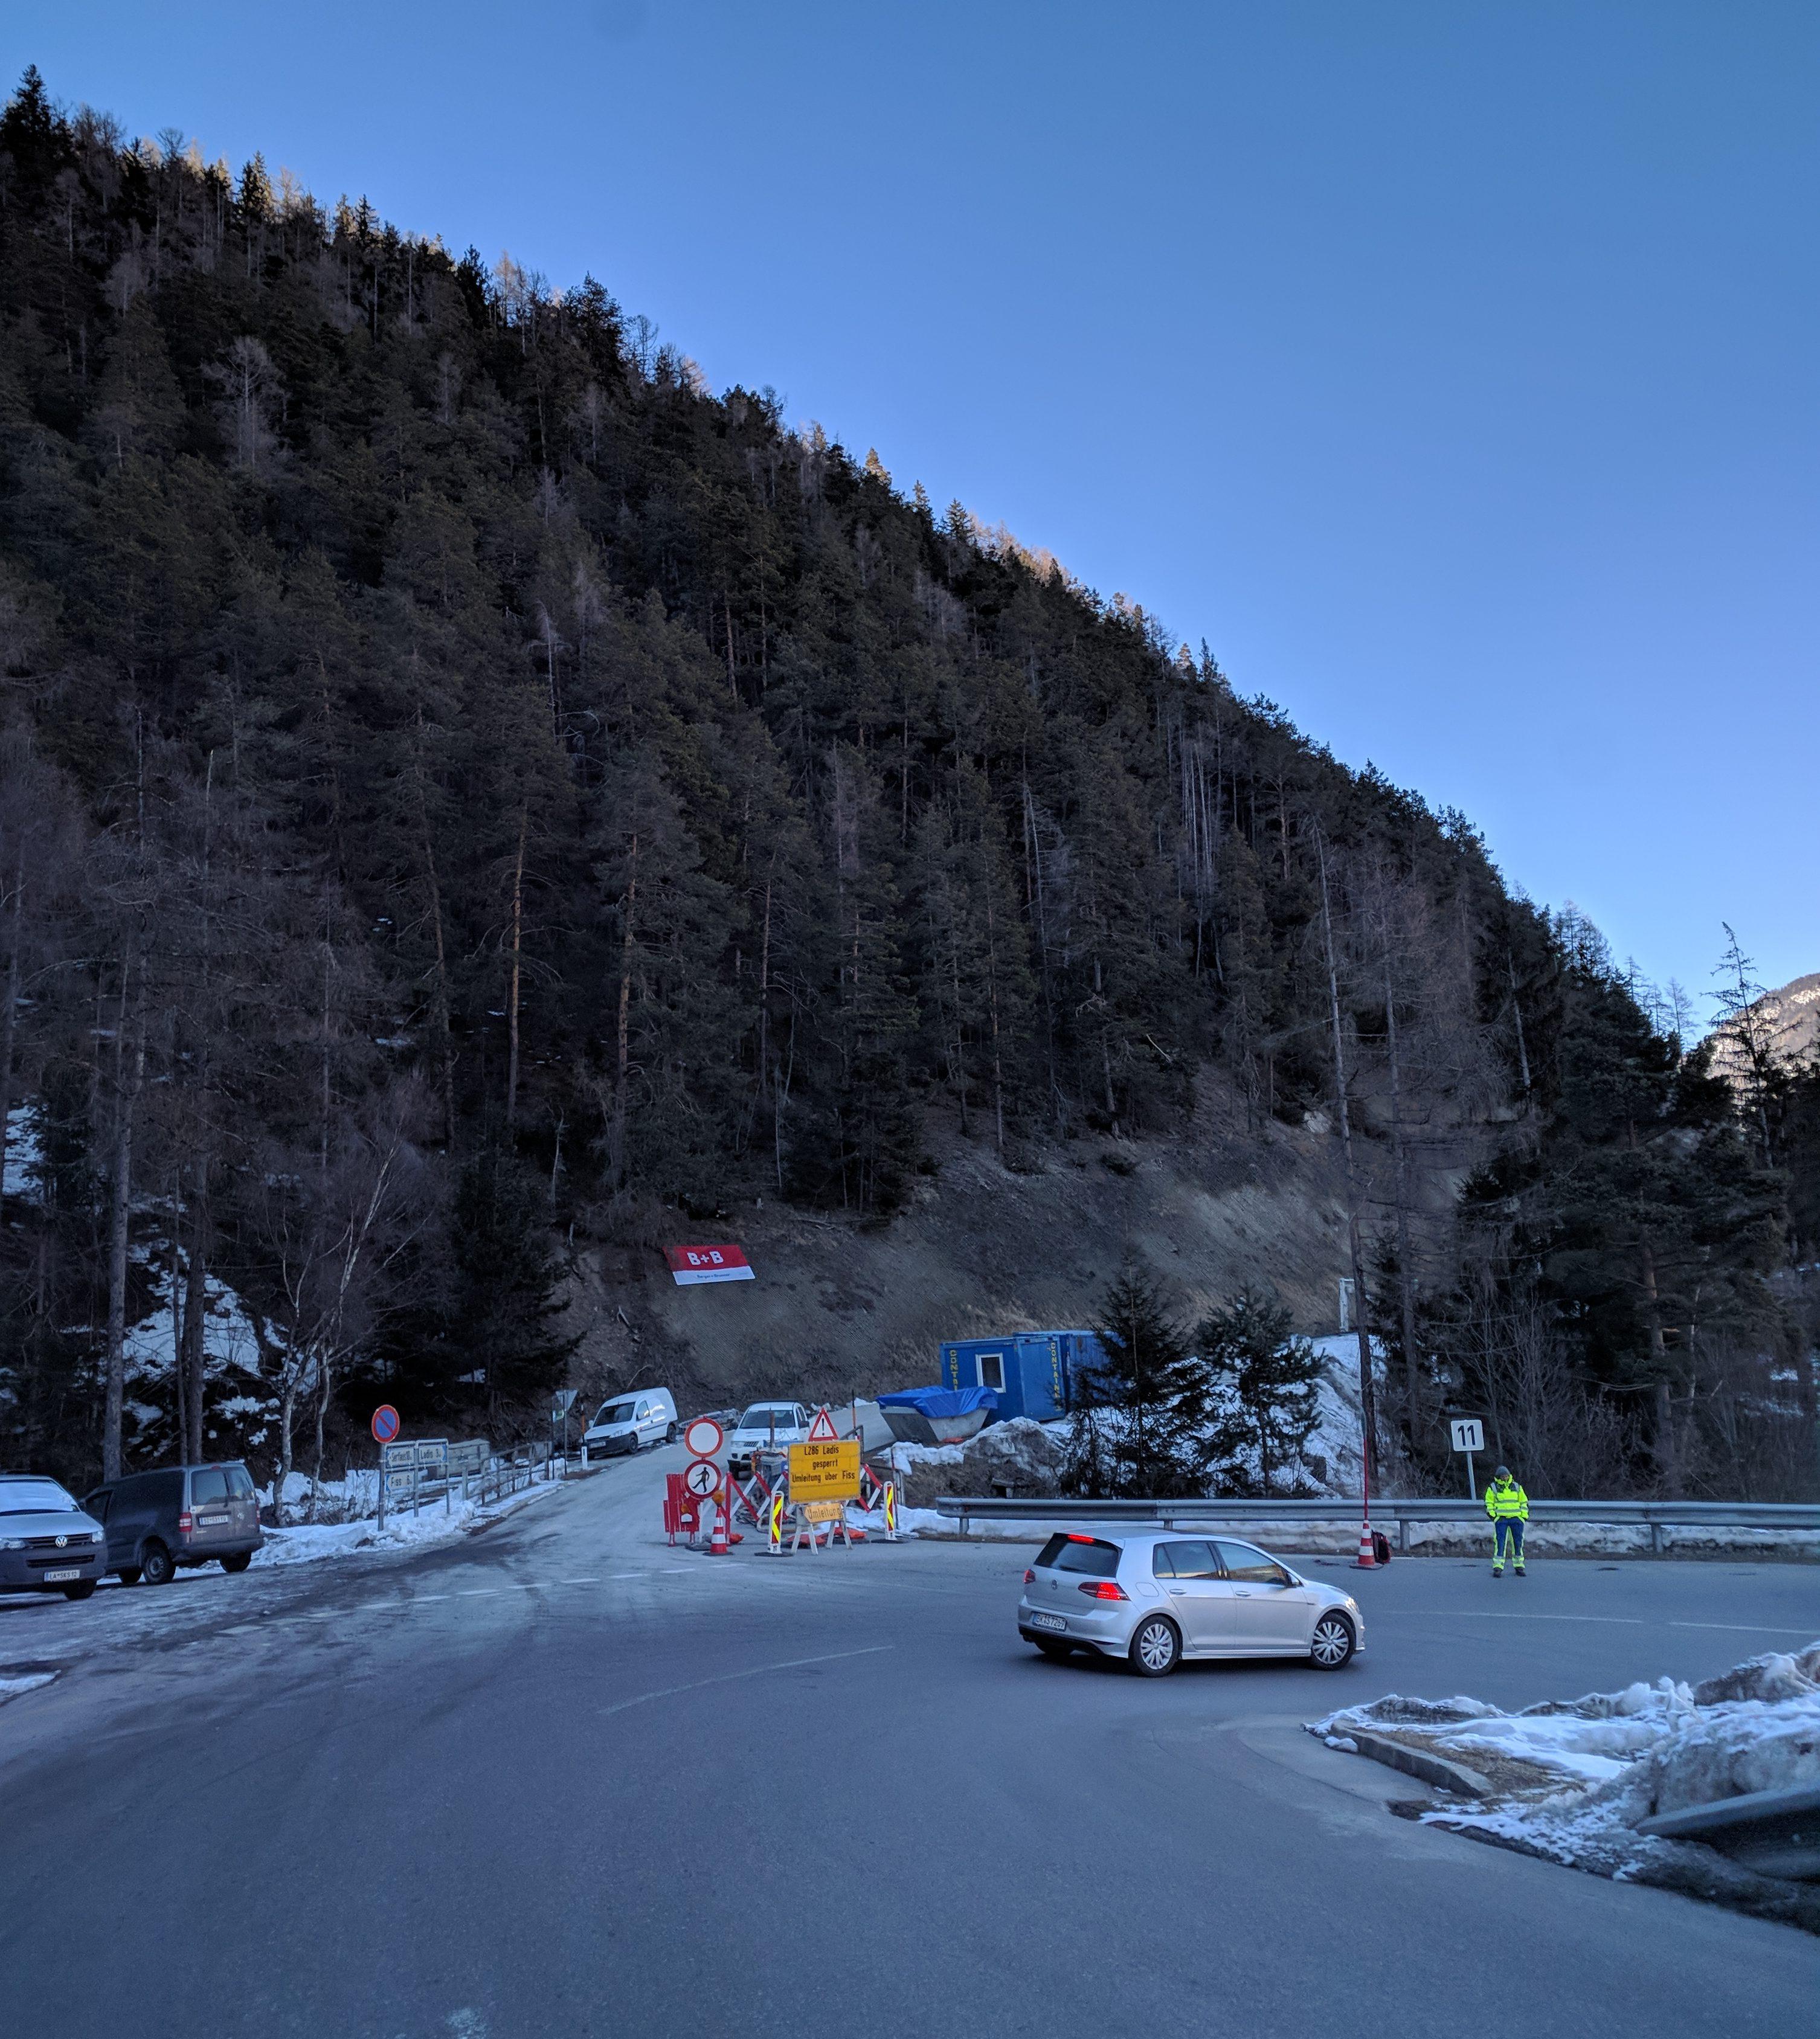 L286 Ladiser Straße nach Felssturz und Hangrutsch gesperrt